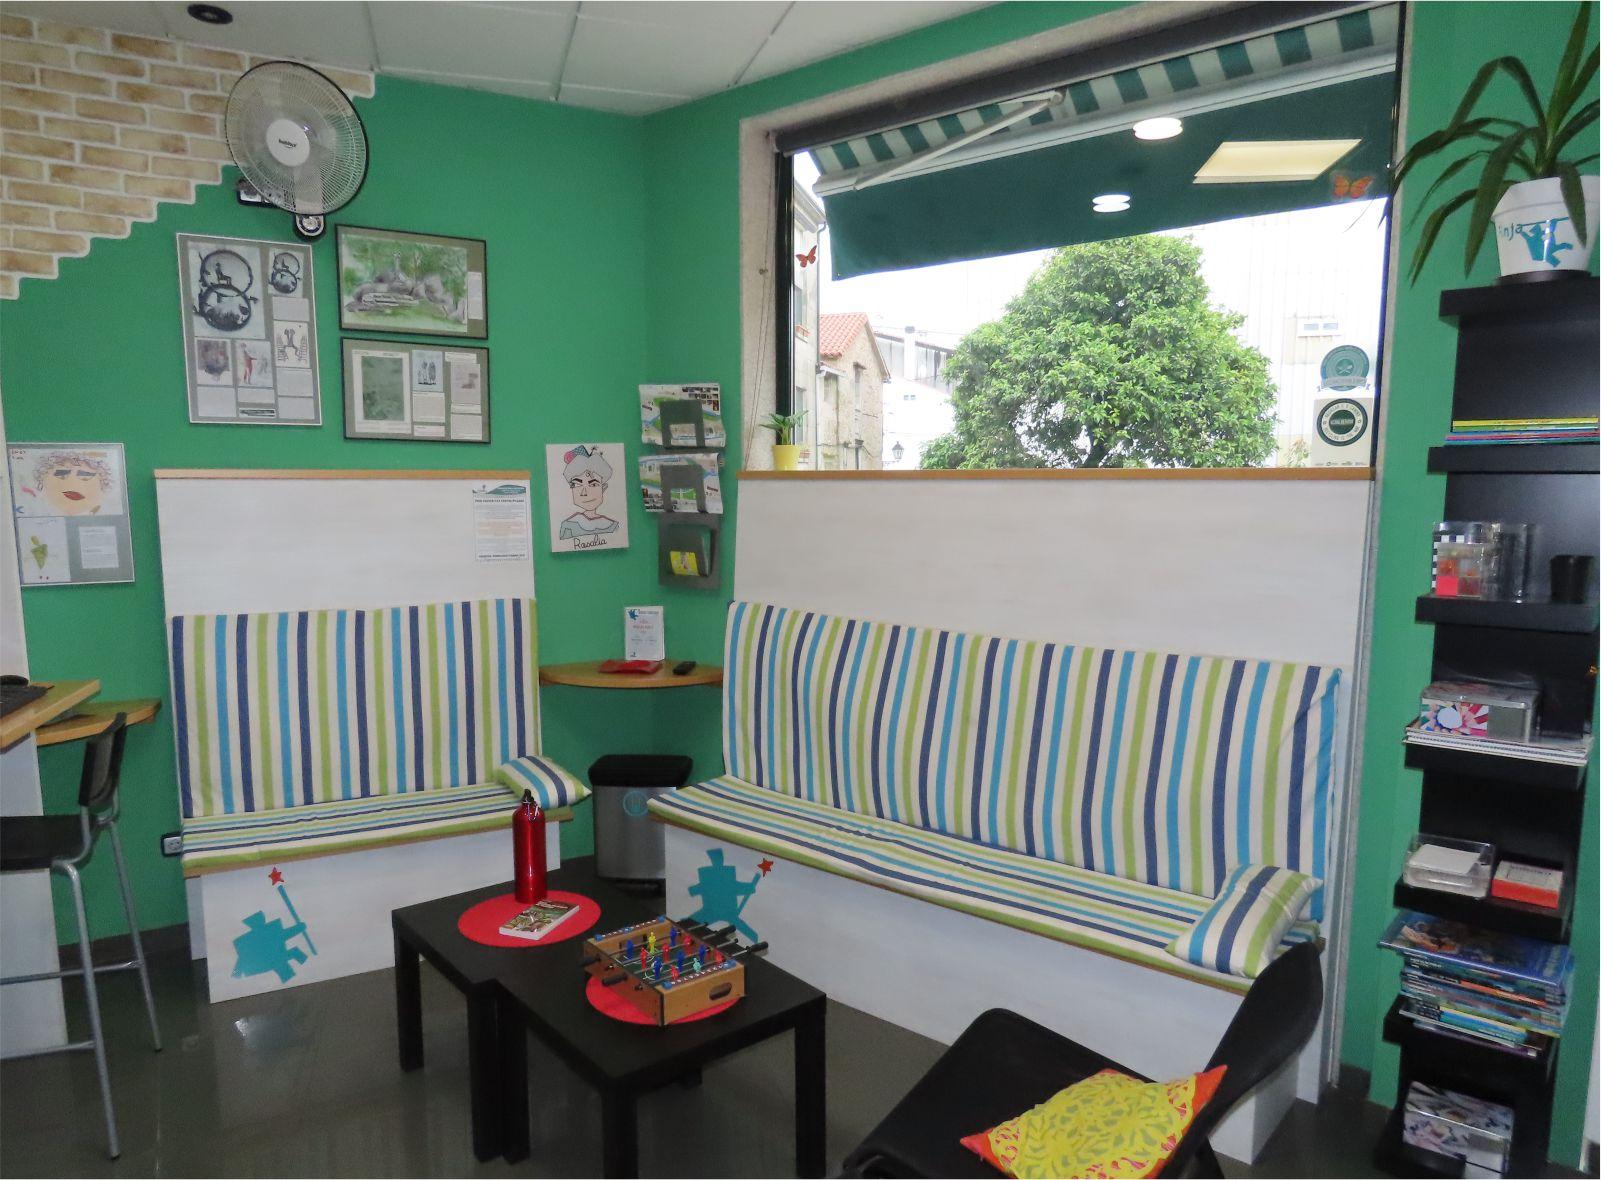 Sala de Estar - Livingroom - Albergue Corredoiras